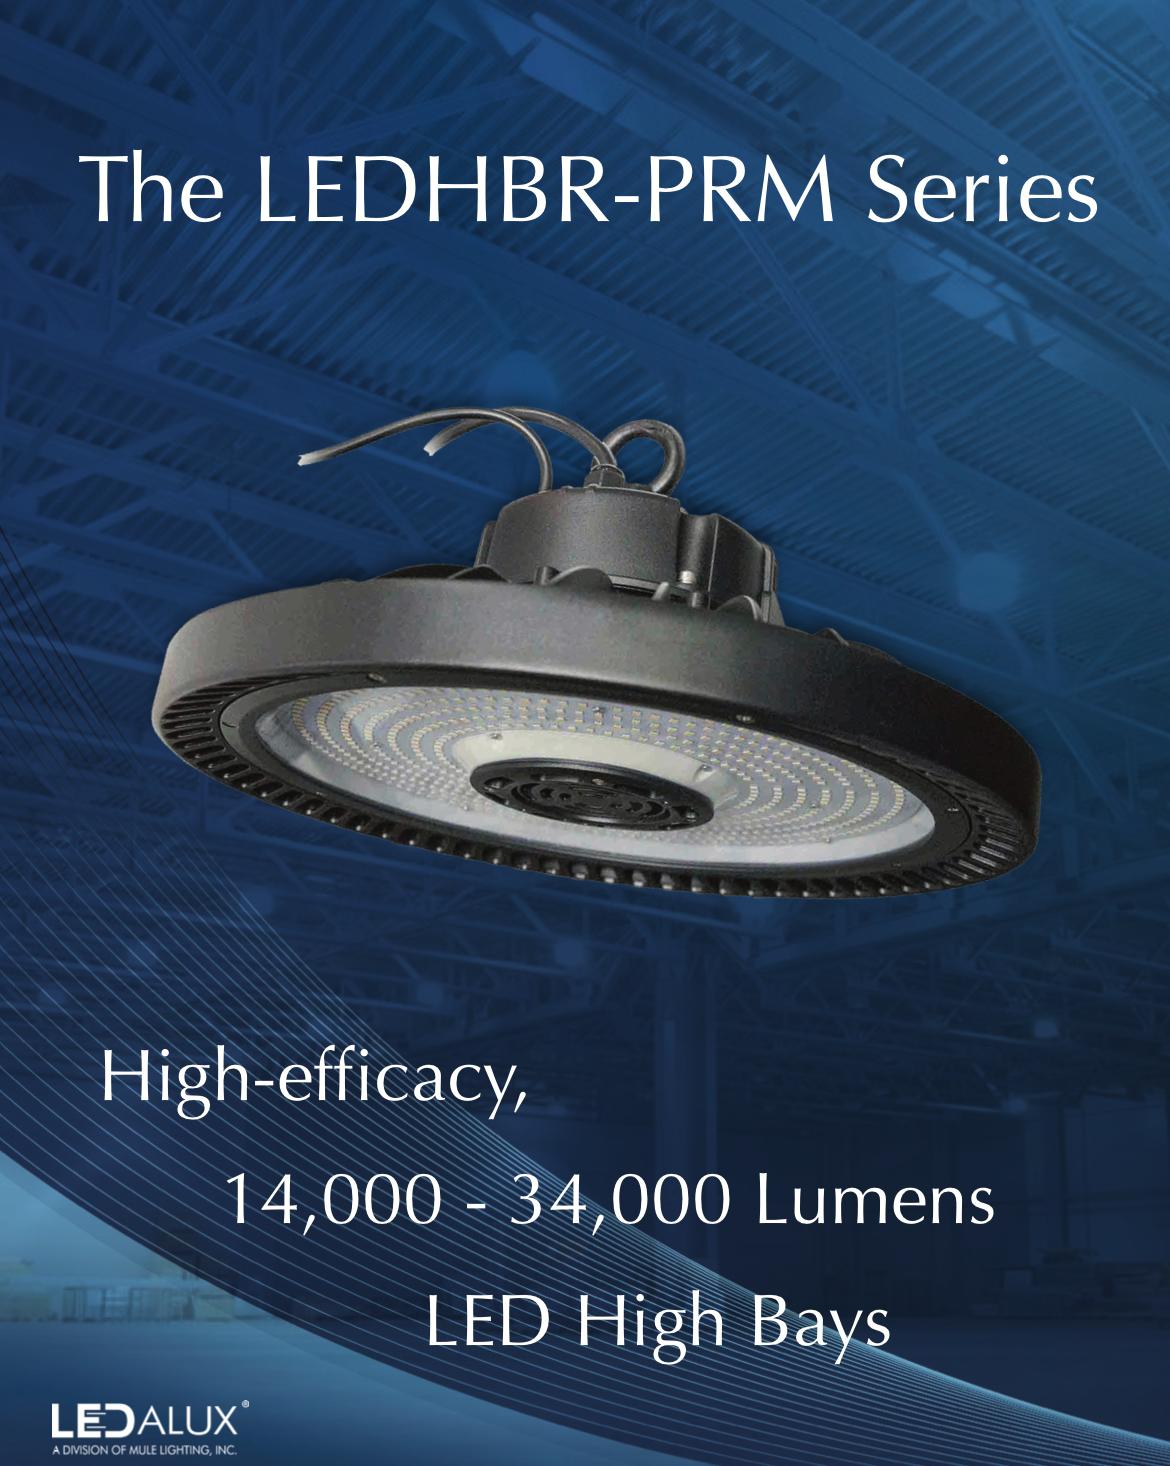 LEDalux LEDHBR-PRM Series Sell Sheet Literature